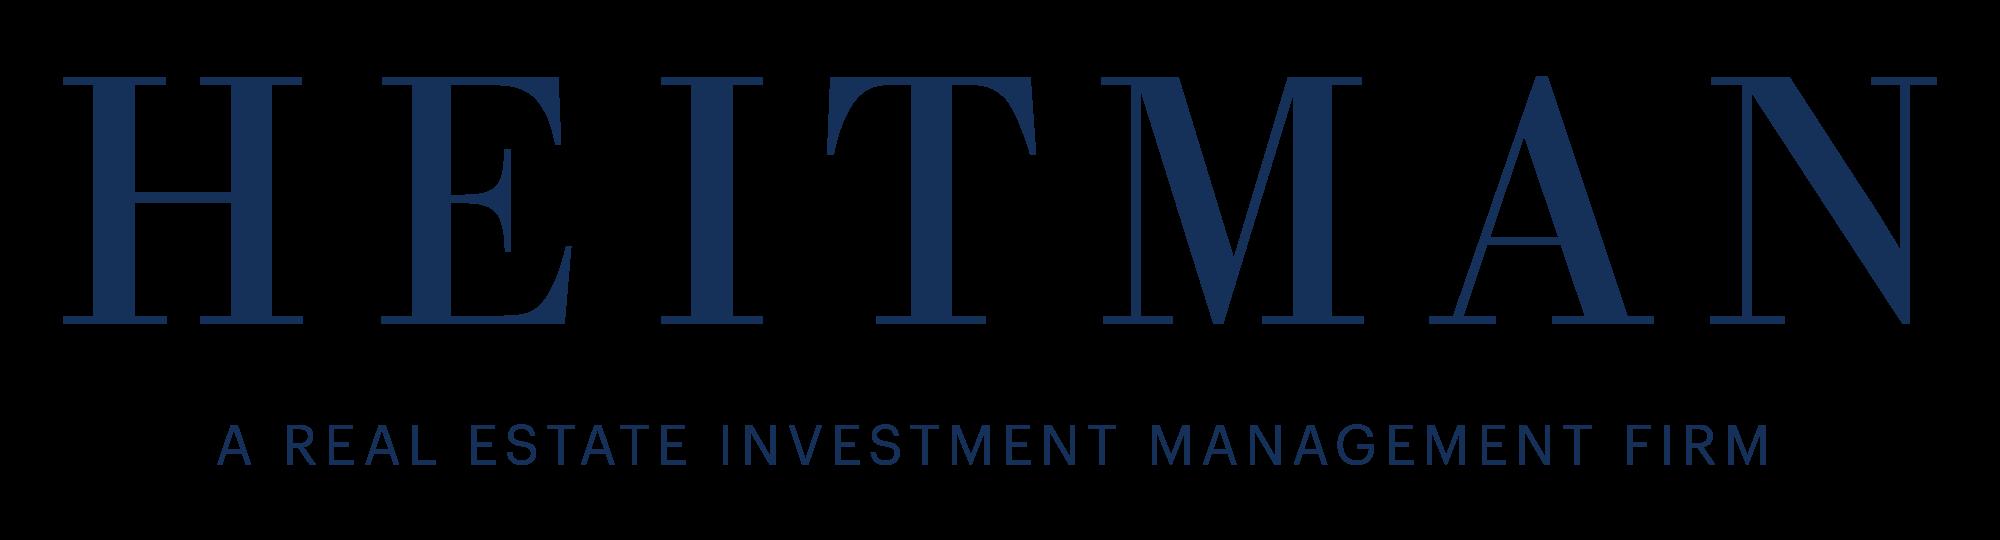 Heitman-2015-Logo-blue.png